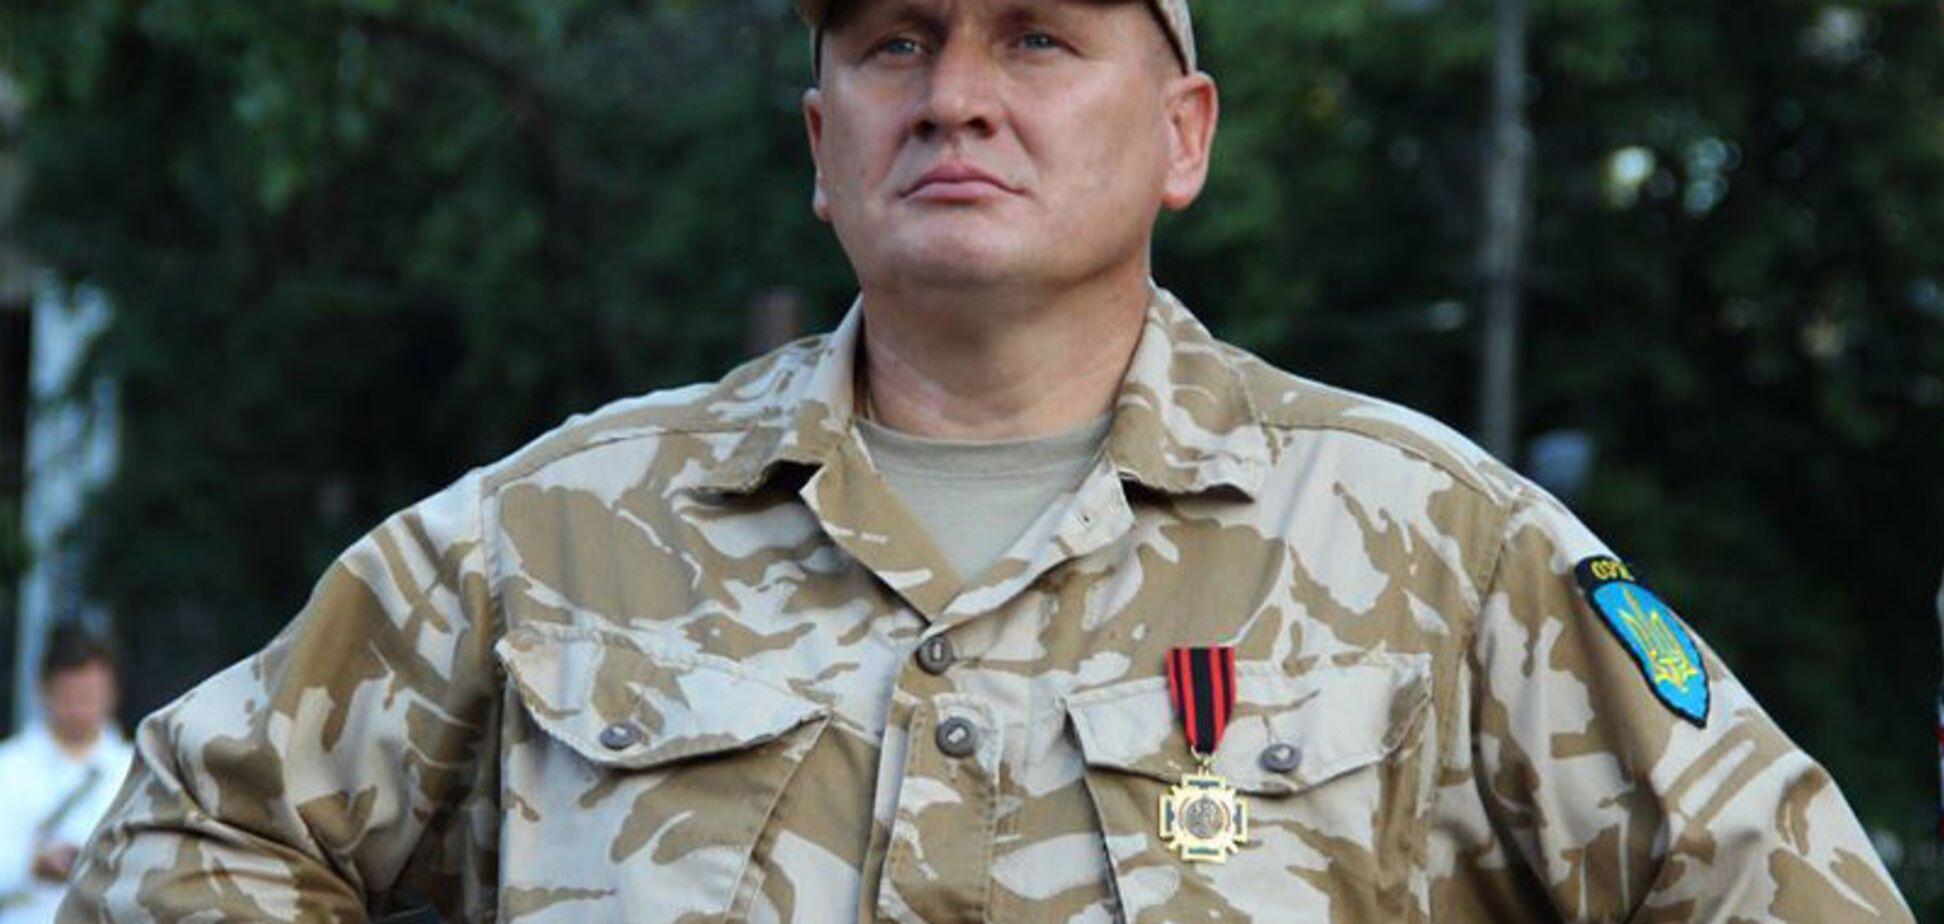 'Угрожал и провоцировал': в Киеве задержали лидера ОУН Коханивского